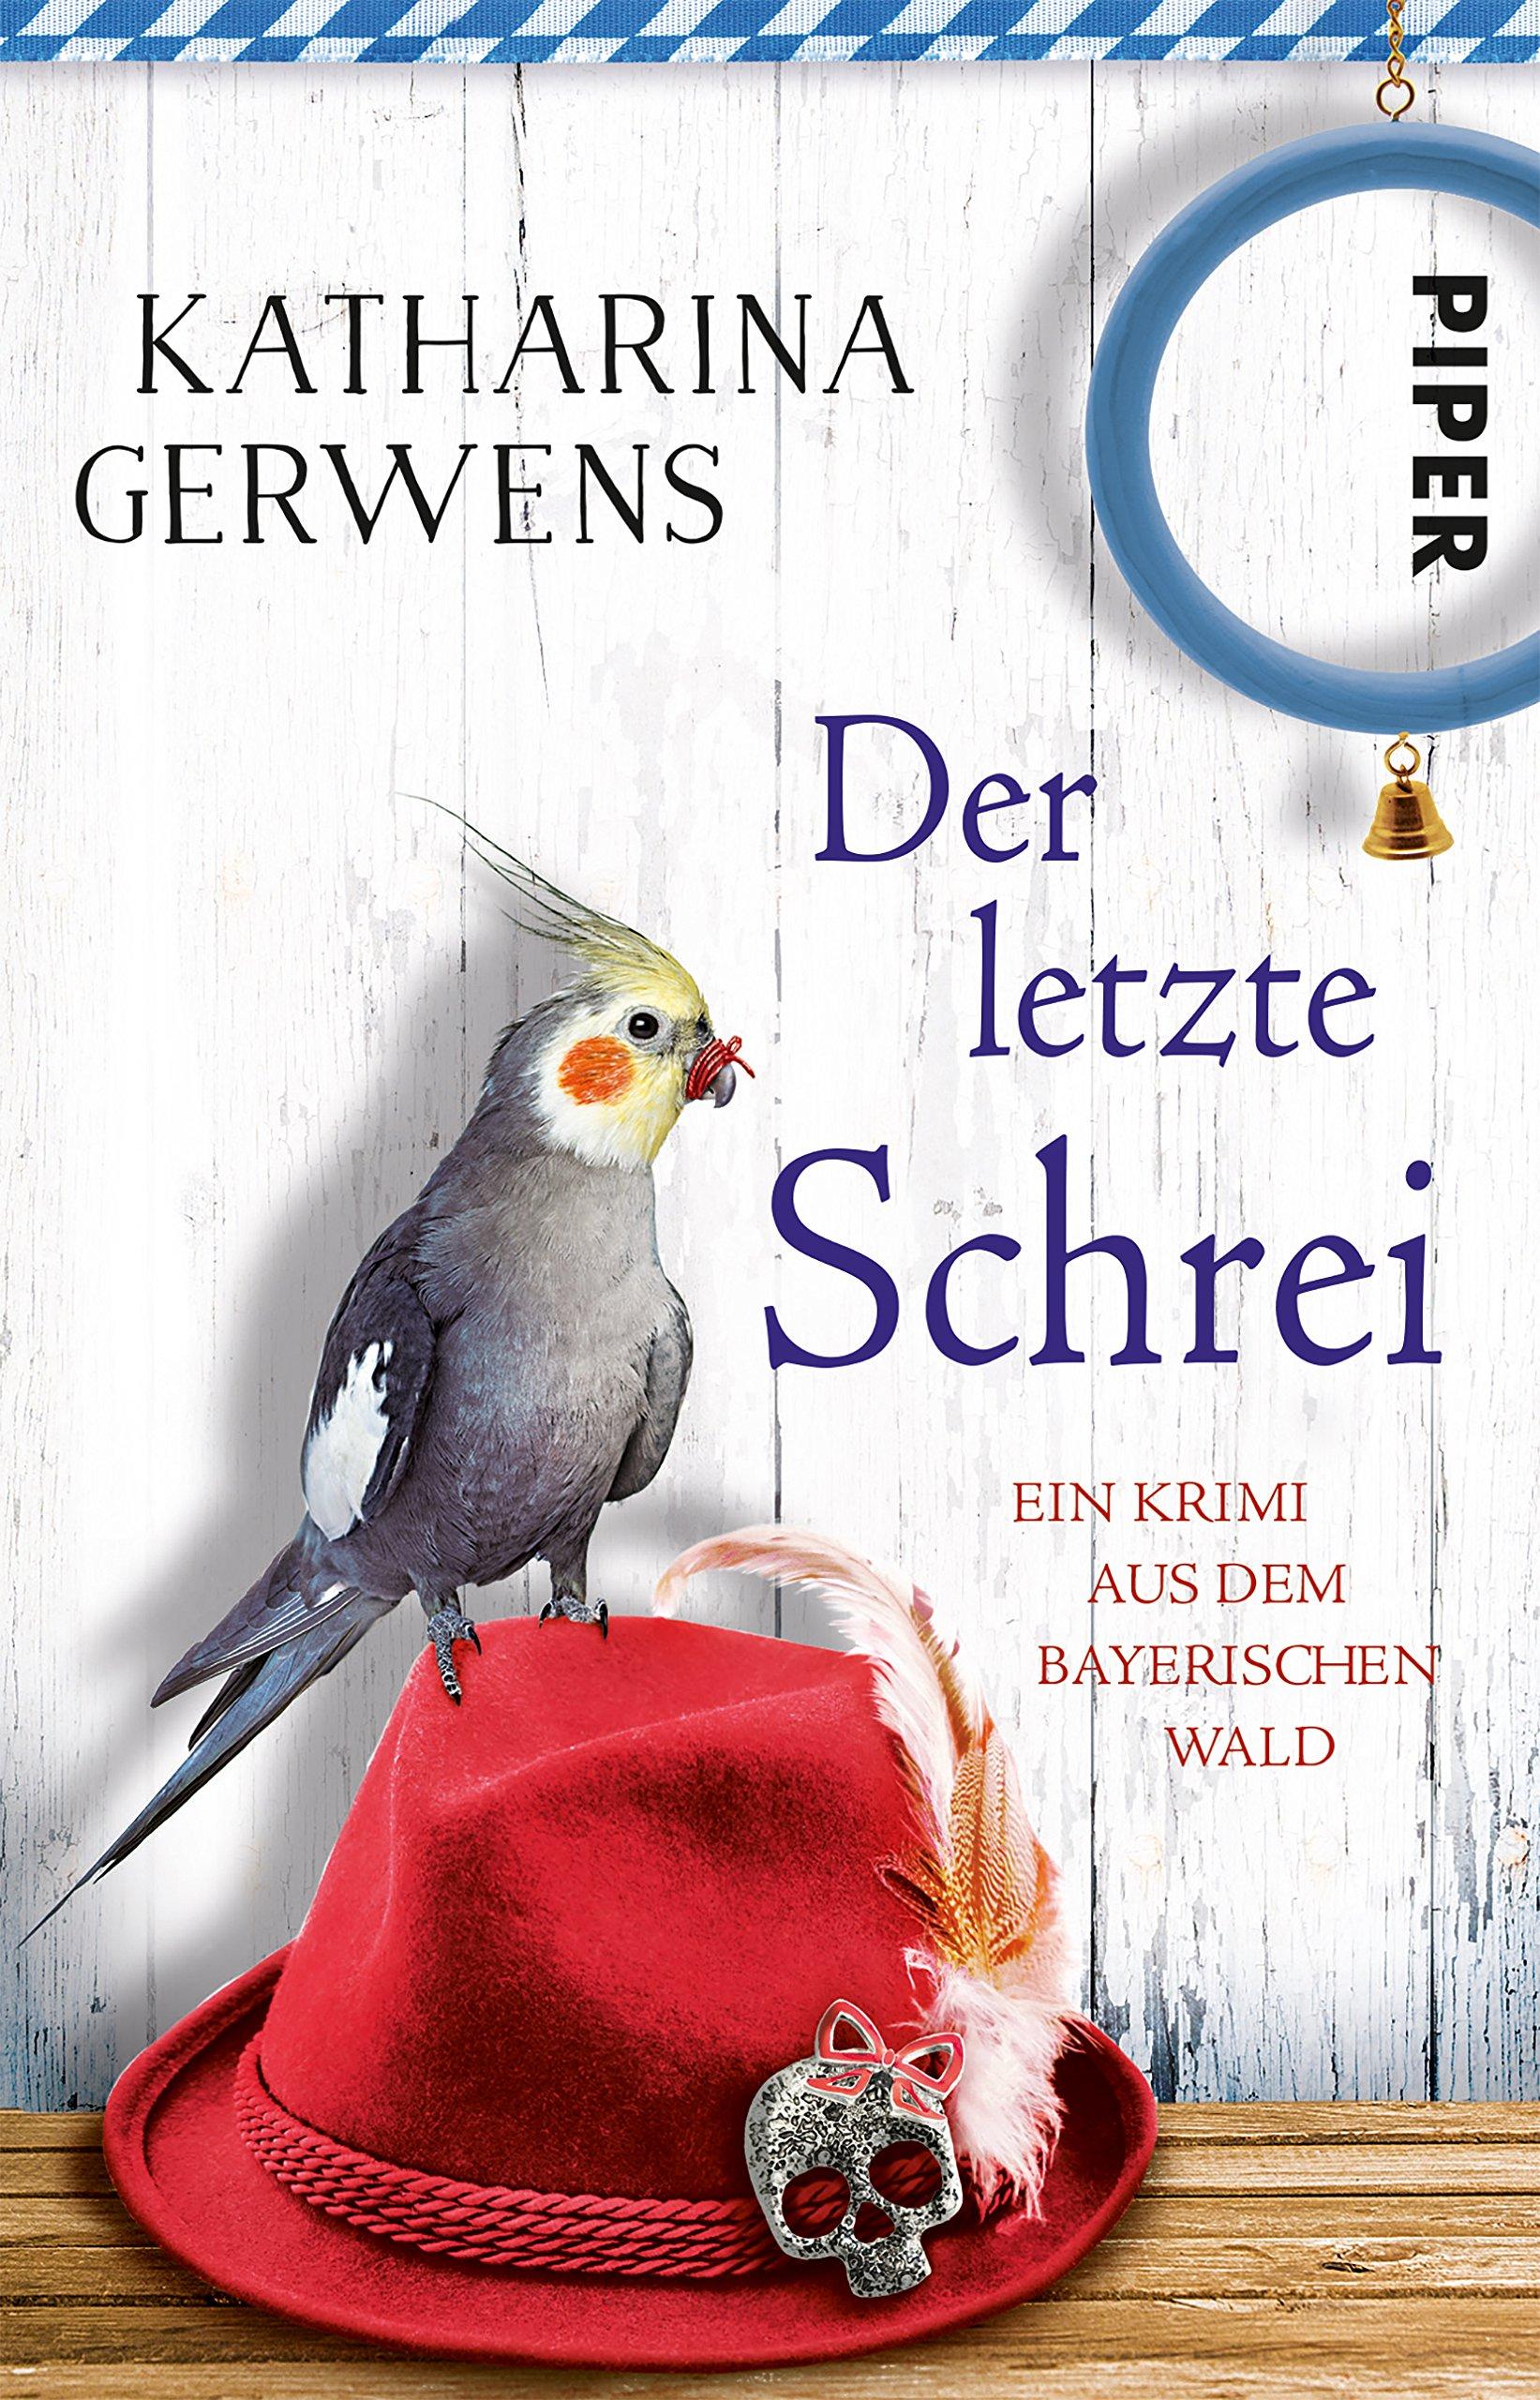 Der letzte Schrei: Ein Krimi aus dem Bayerischen Wald (Bayerischer-Wald-Krimis, Band 4)